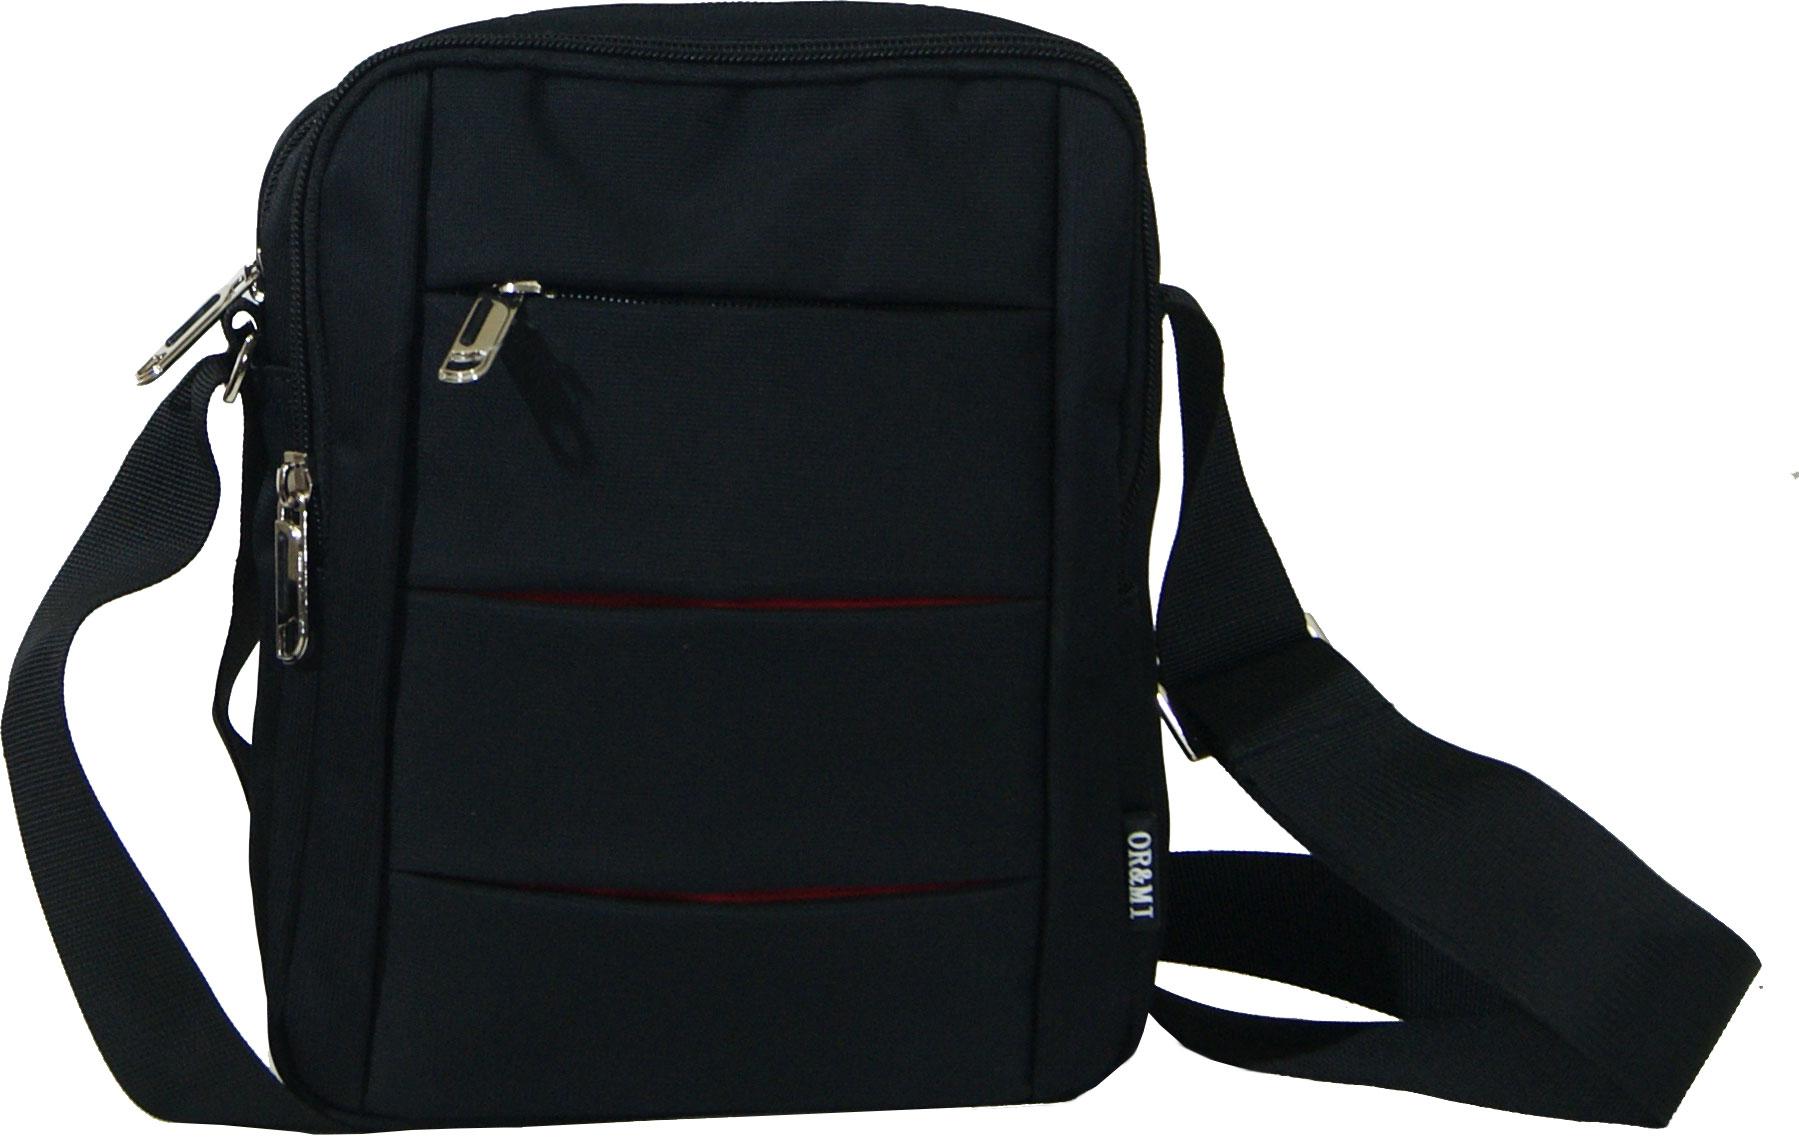 Τσάντα ανδρική Νο 88100 - Μαύρη (OR and MI 88100)